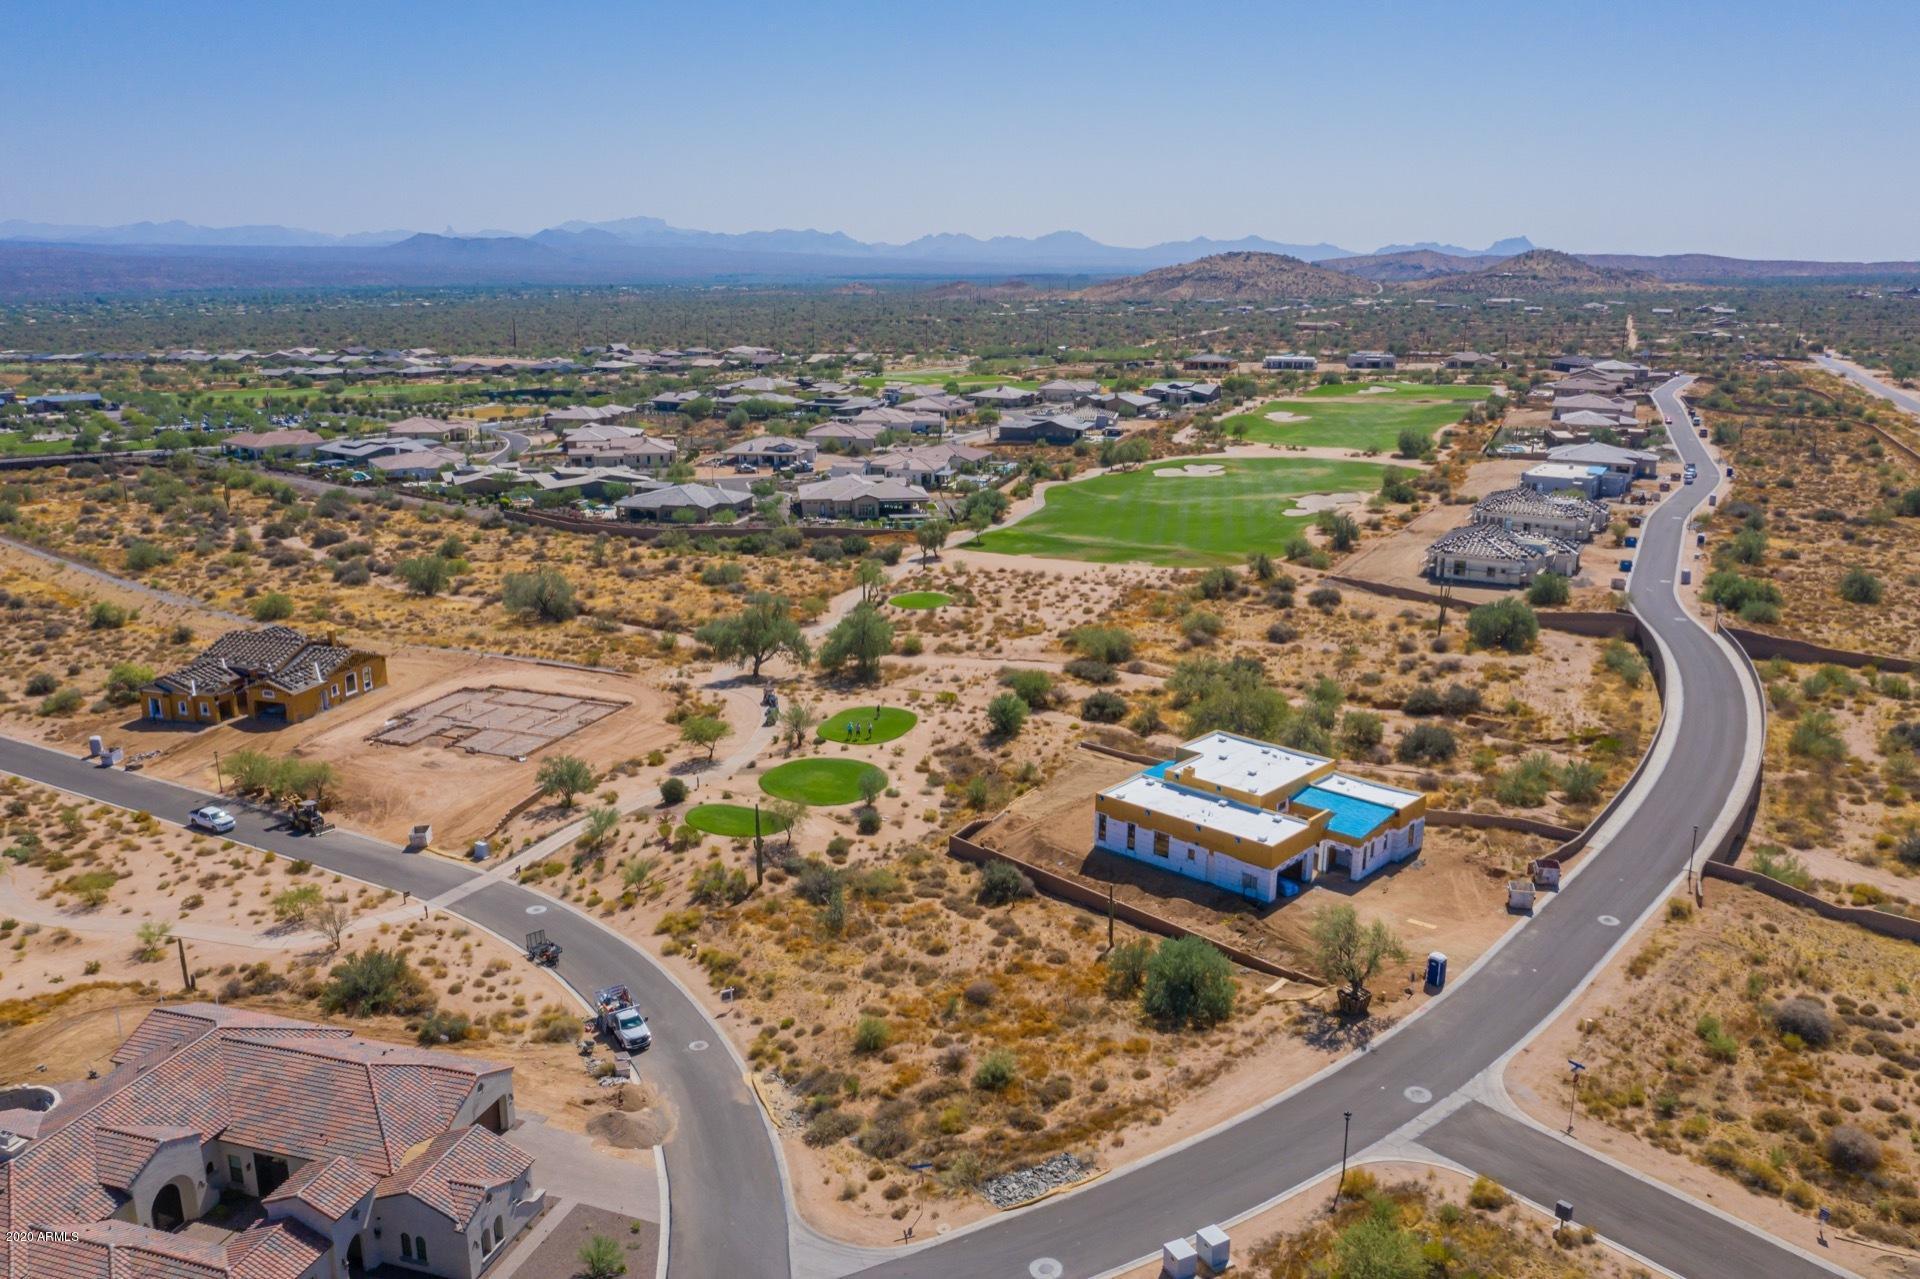 28927 N SUMMIT SPRINGS Road, Rio Verde, Arizona 85263, ,Lots And Land,For Sale,28927 N SUMMIT SPRINGS Road,6120922